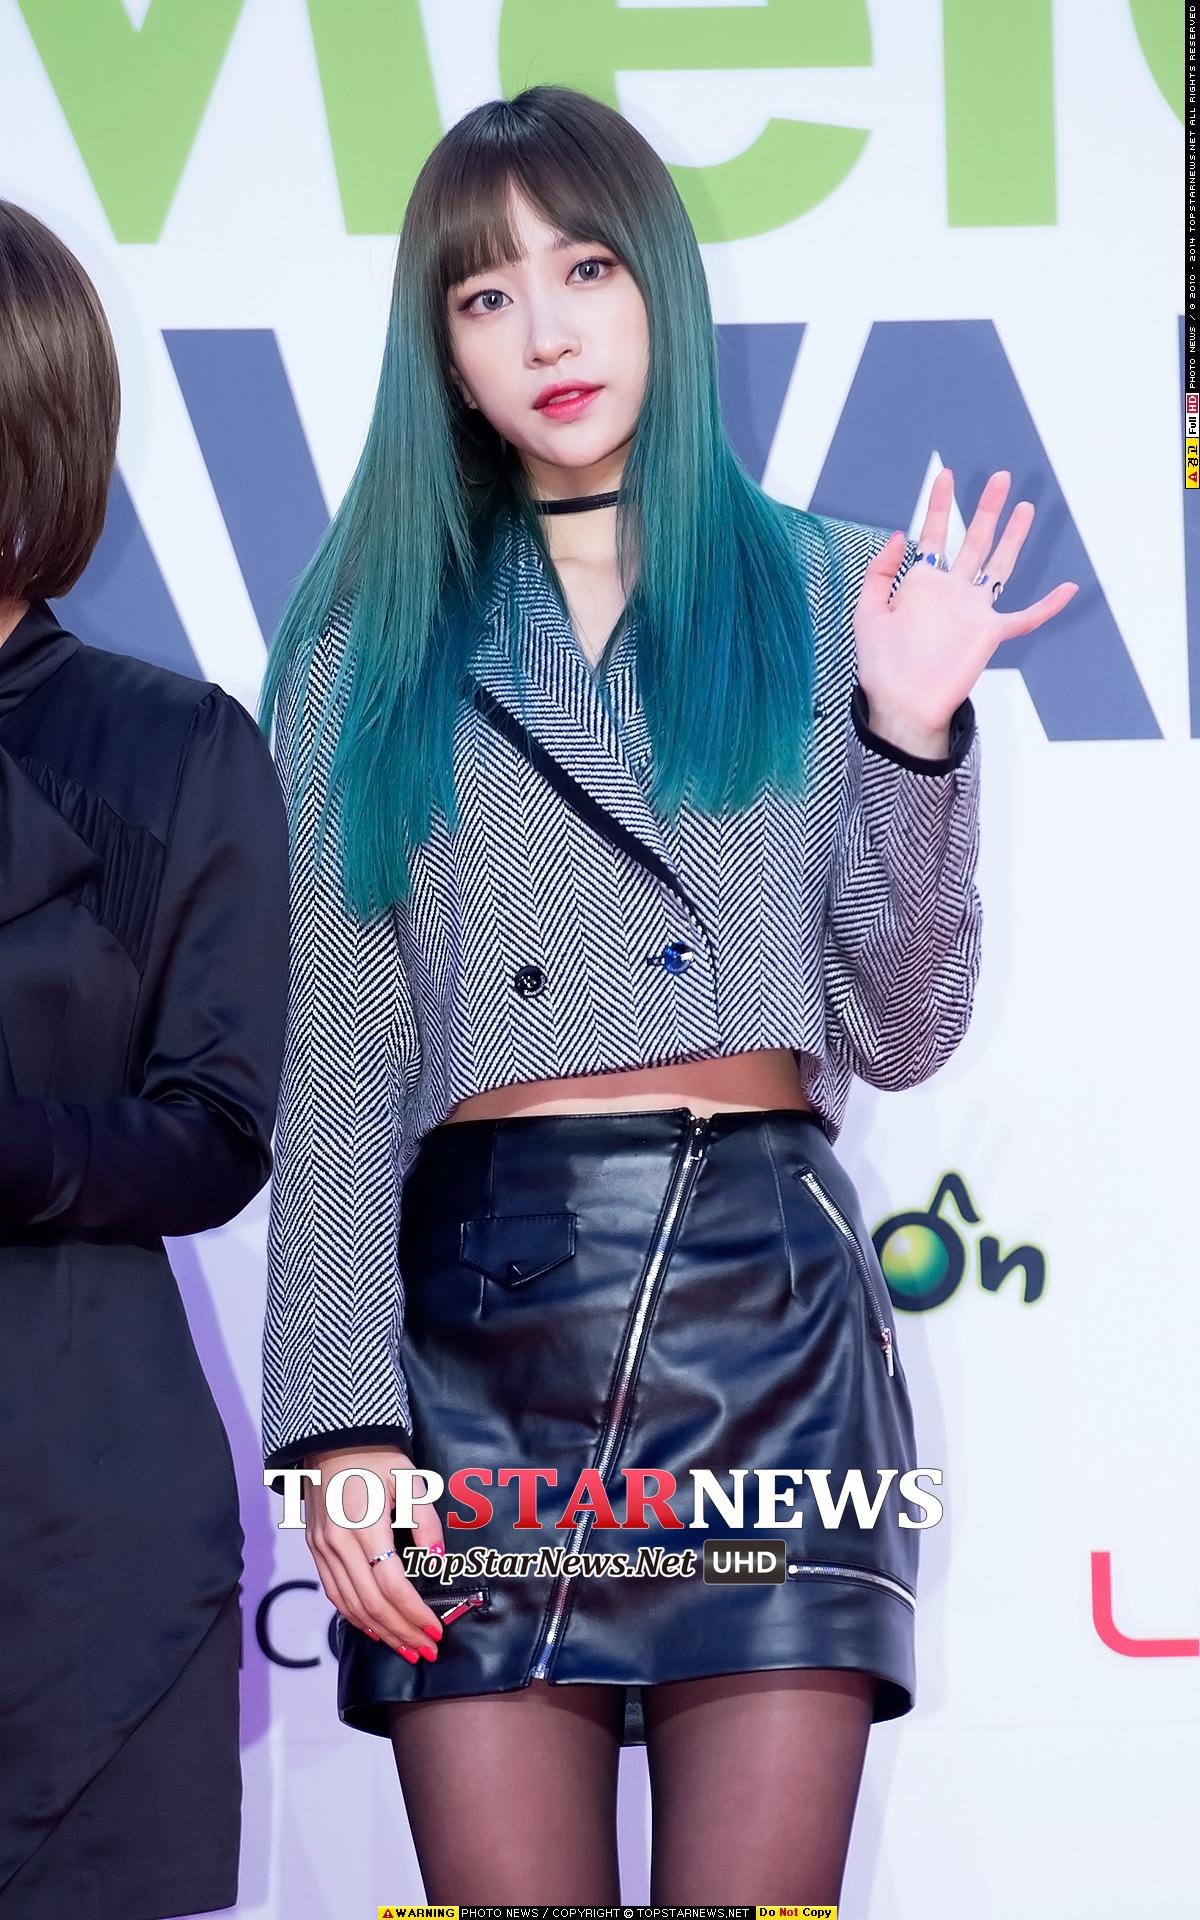 #6 哈妮 最近換上新髮色極積準備年底回歸的哈妮歐巴 想必是關注韓娛的人絕對不會不知道的火紅大勢